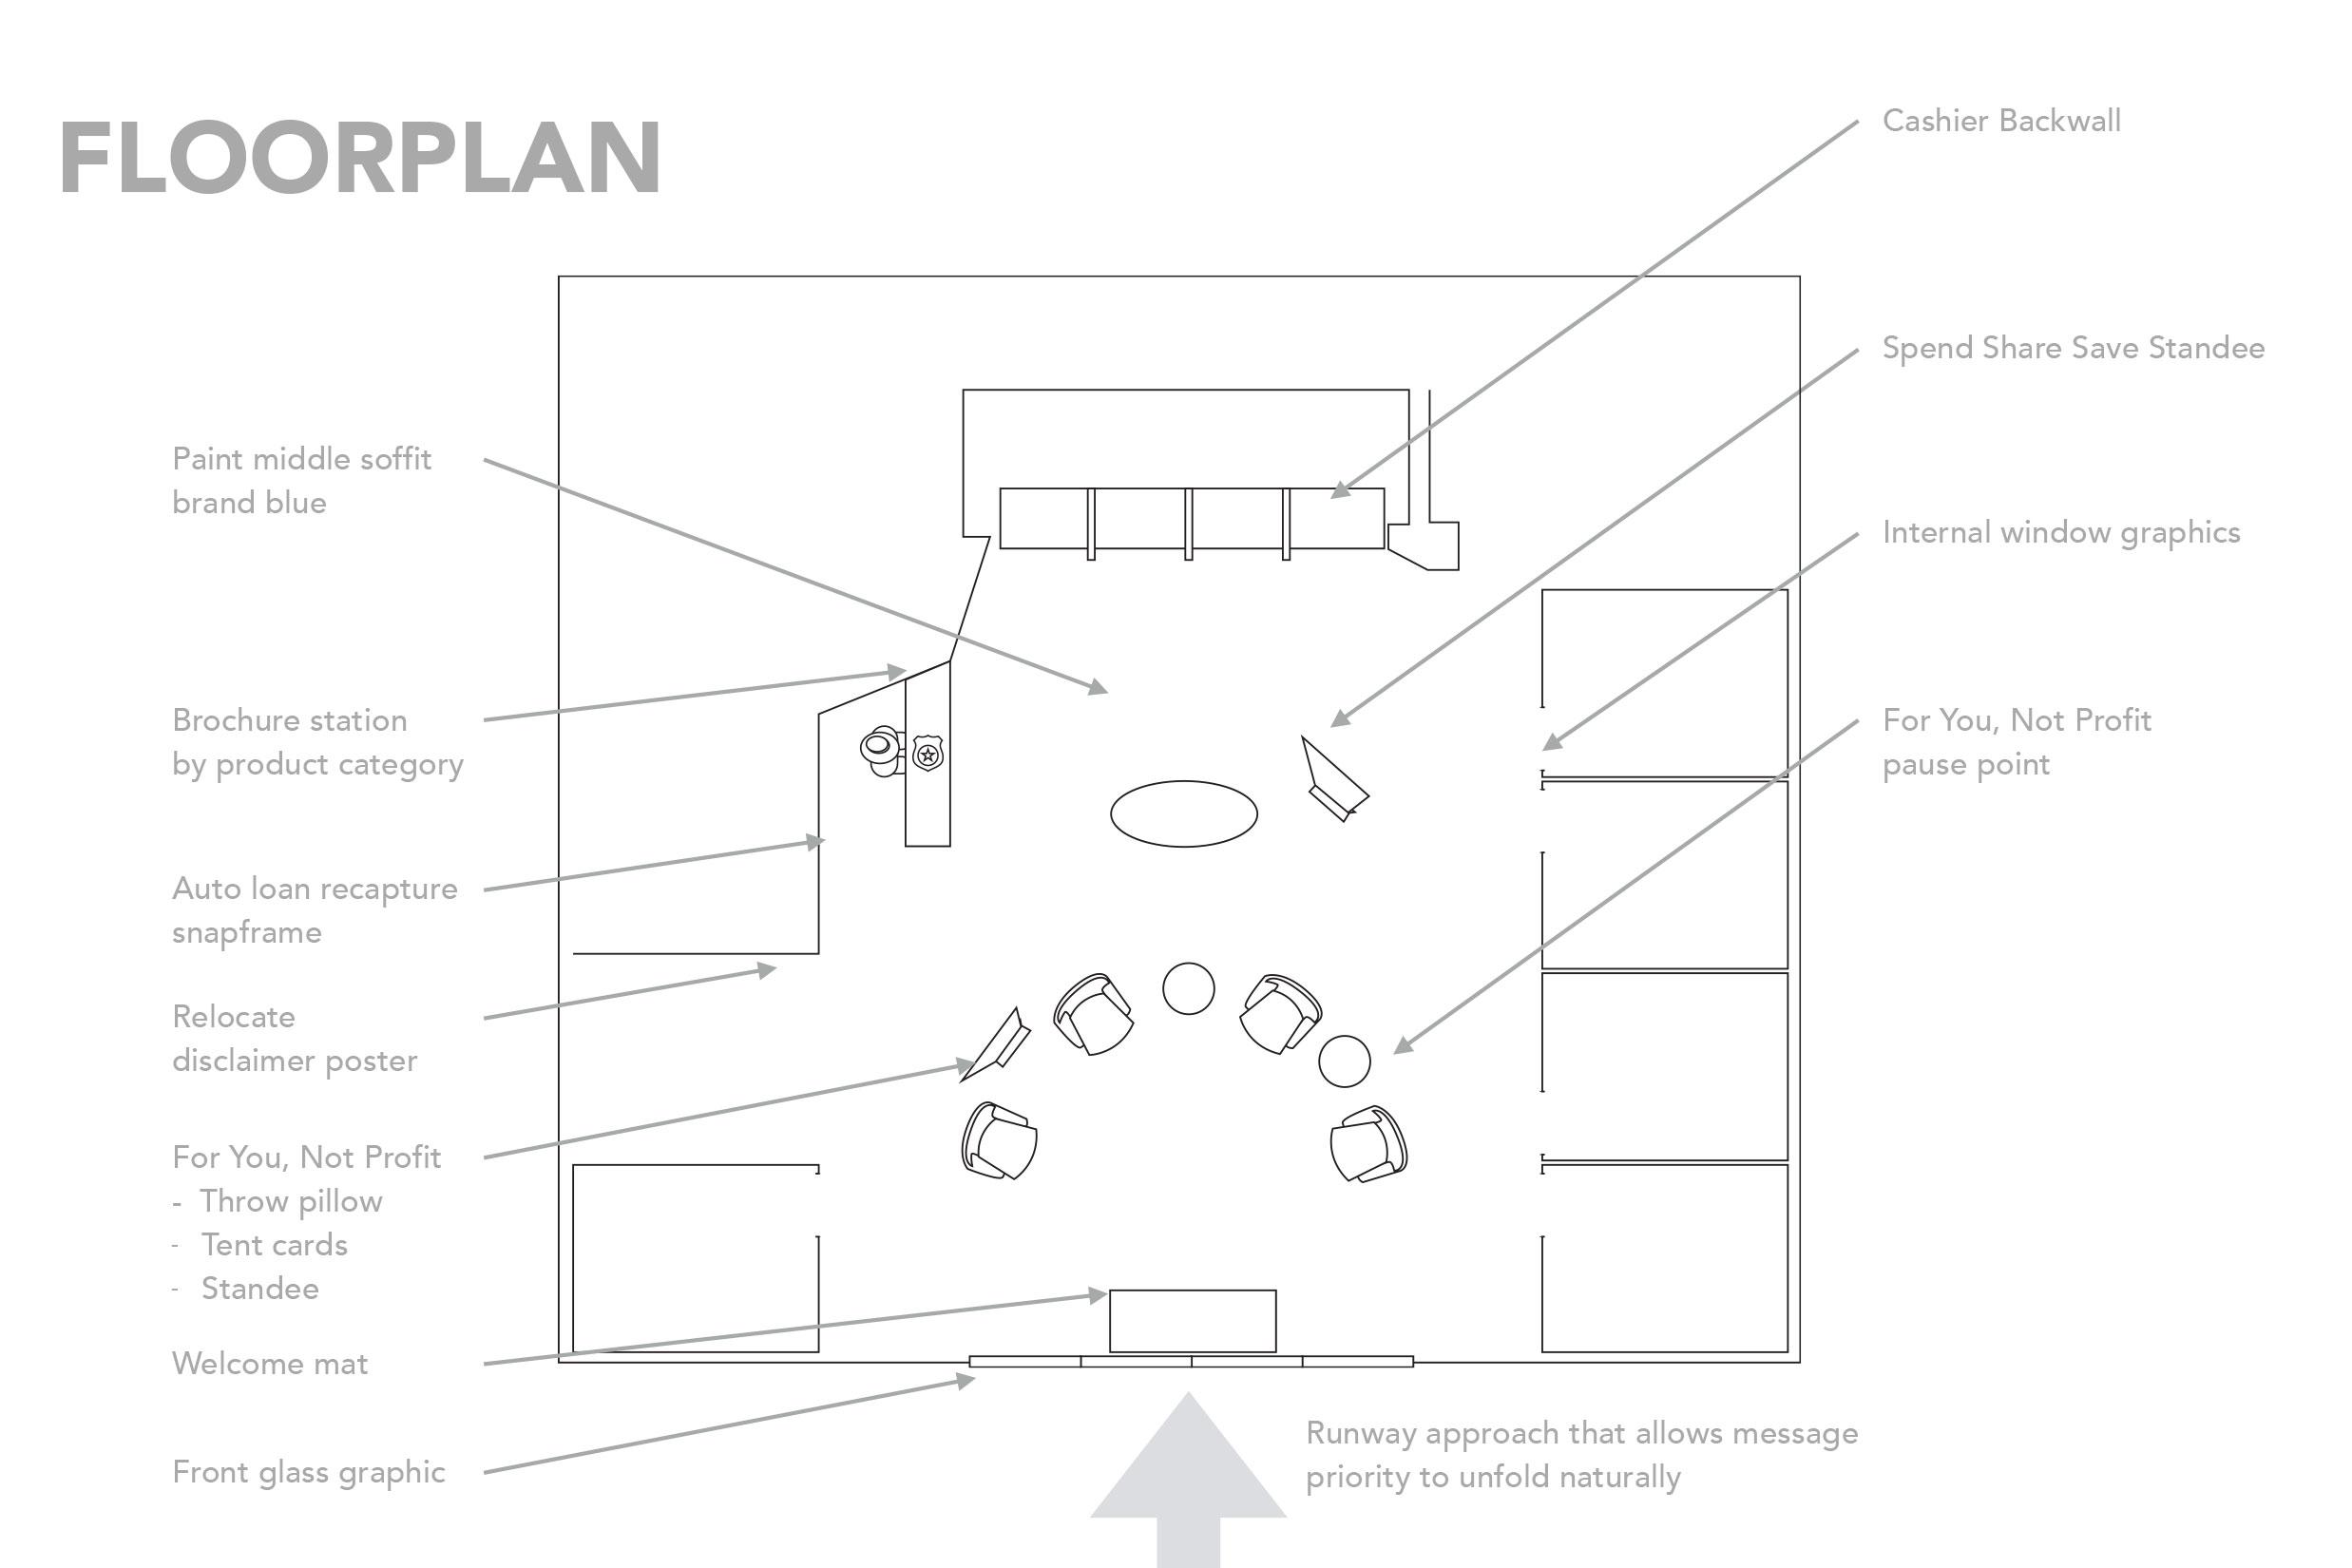 First Service Credit Union – retail floorplan